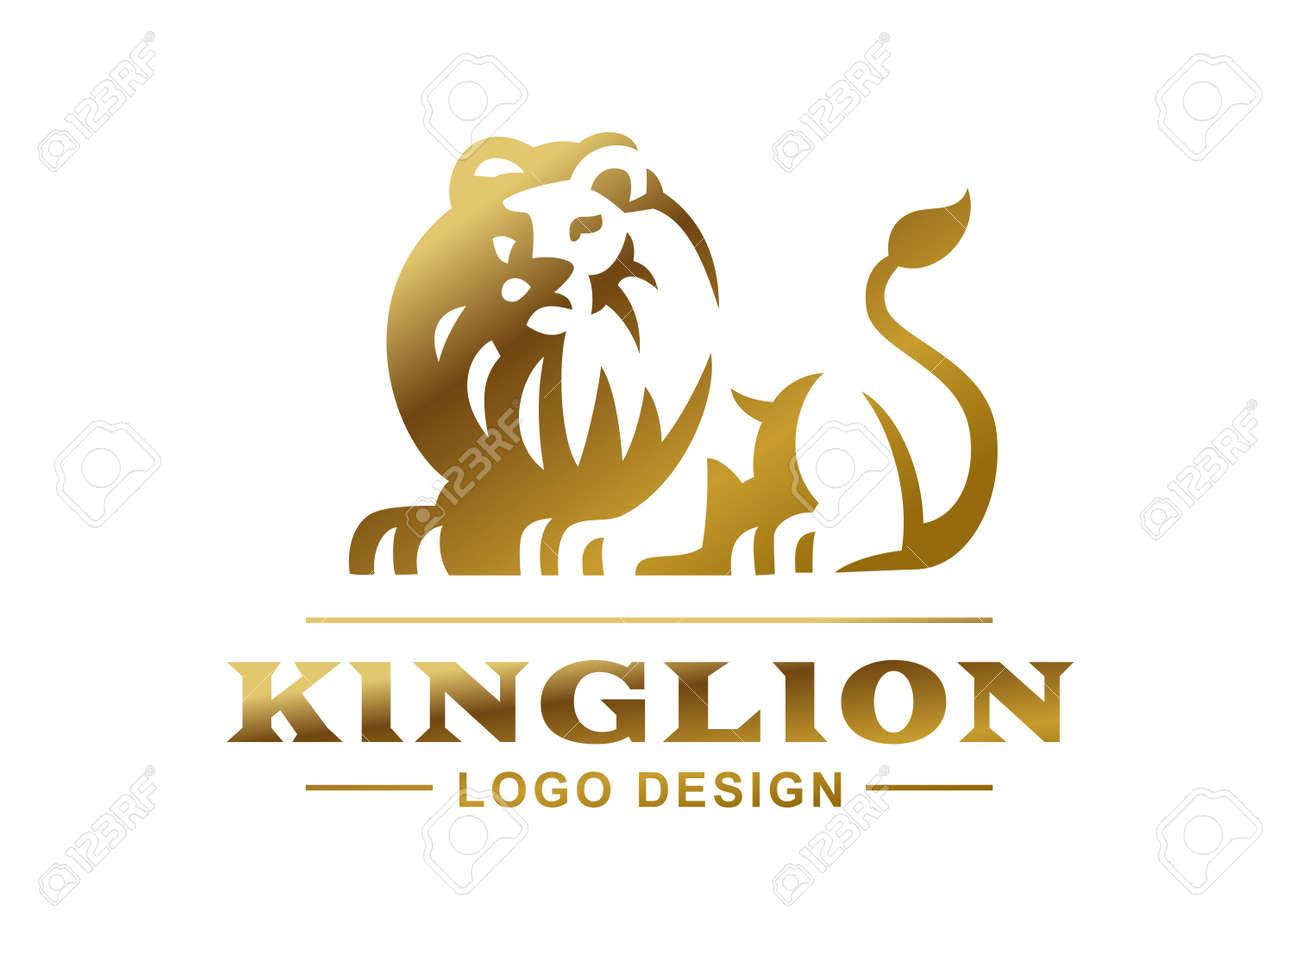 gold lion logo vector illustration emblem design on white